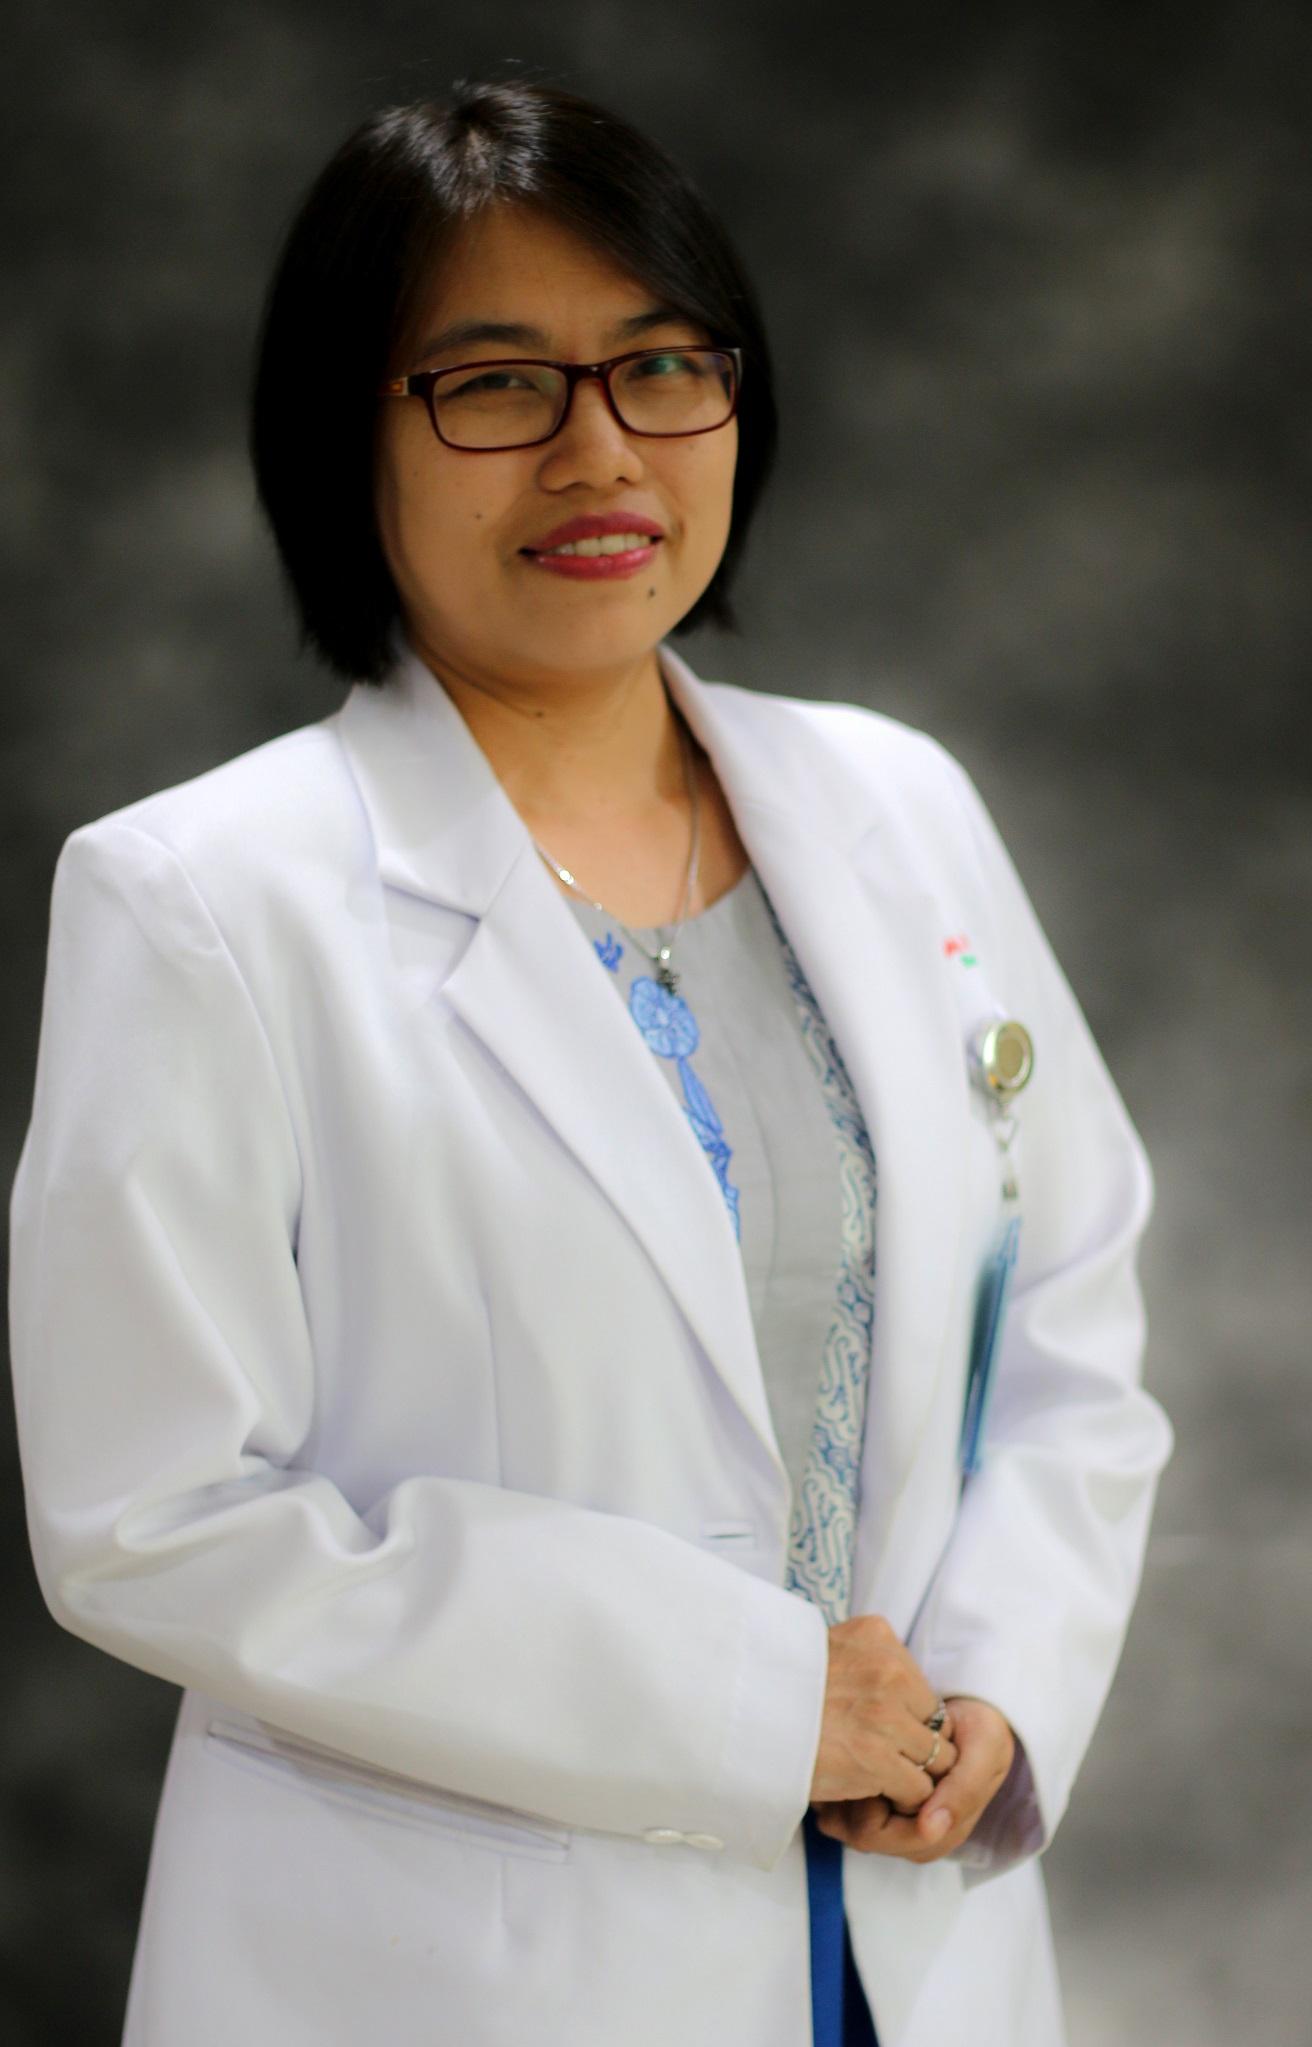 dr. Yoana Periskila, MKK